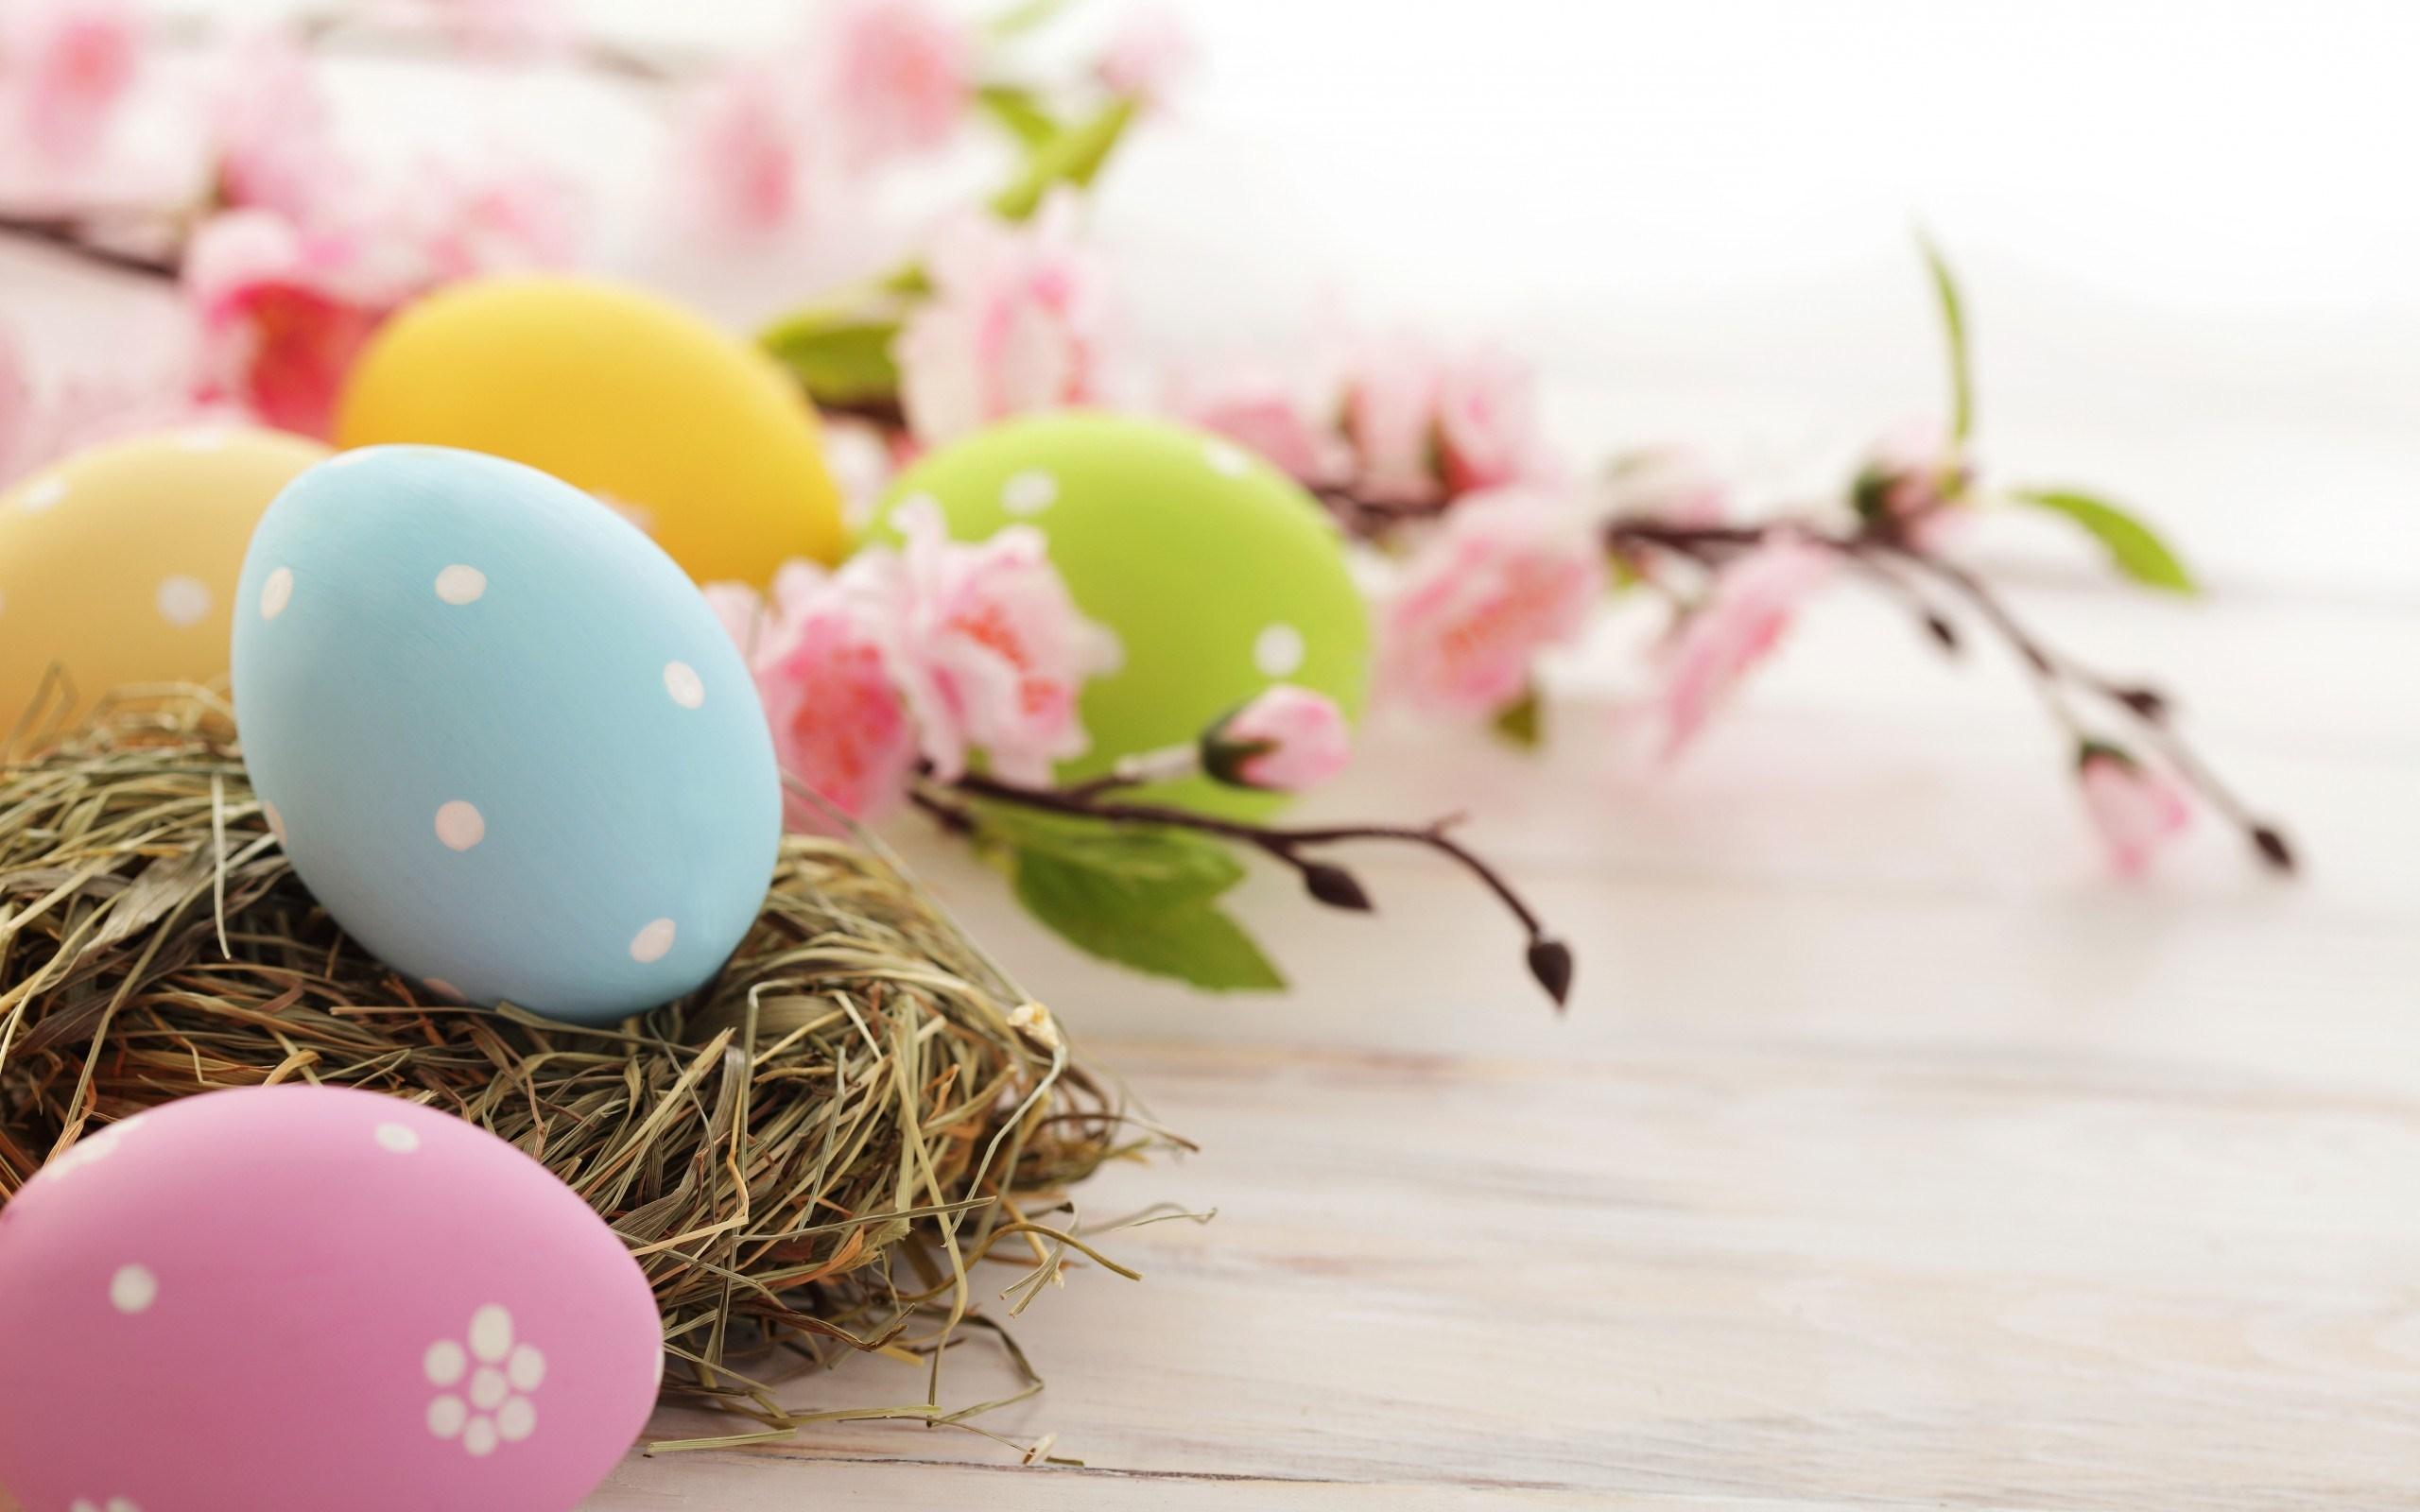 Easter Wallpaper 8   2560 X 1600 stmednet 2560x1600